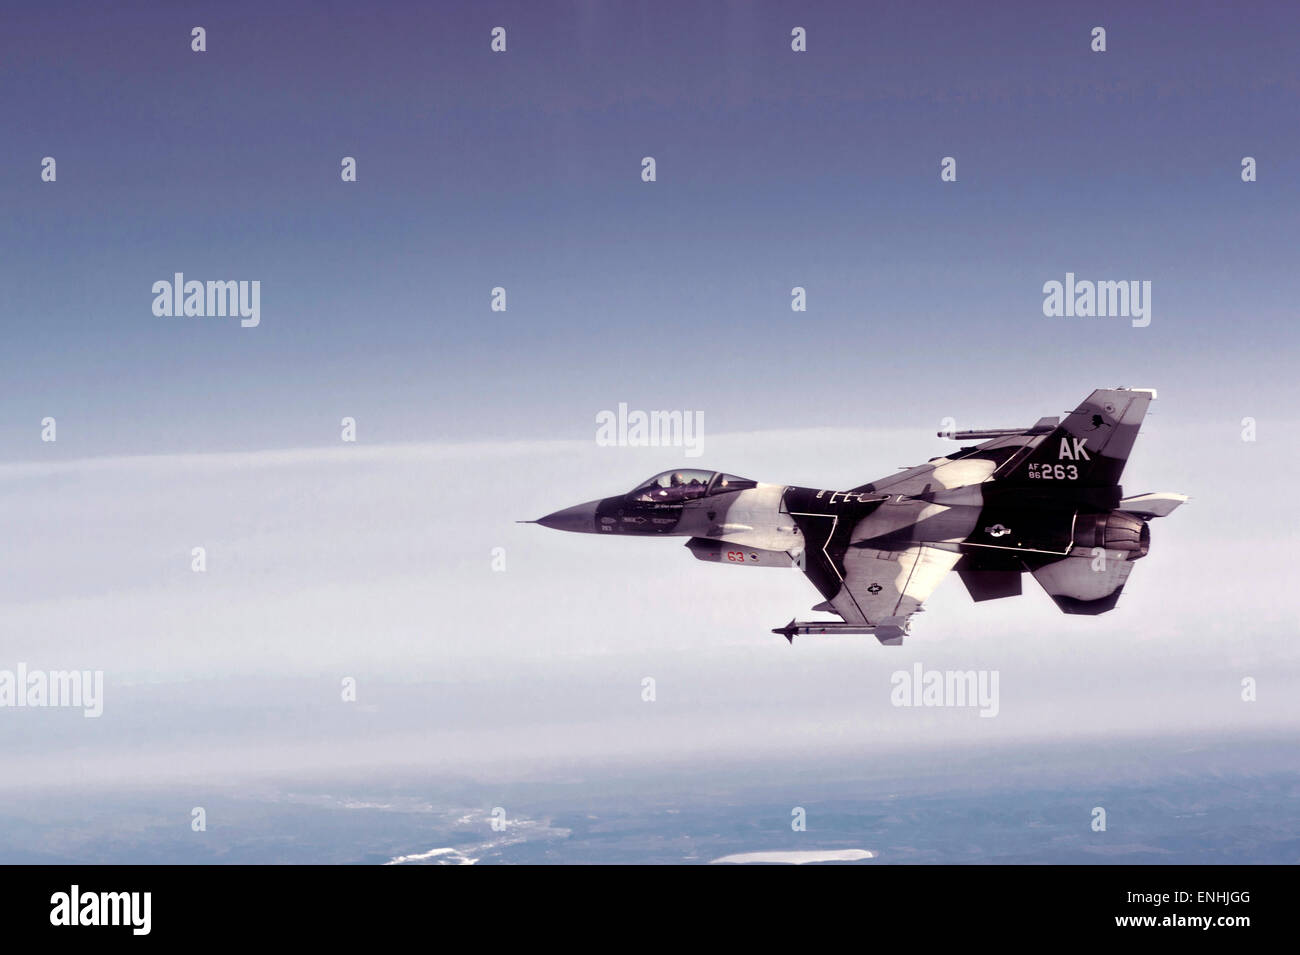 Un U.S. Air Force F-16 Fighting Falcon sur une sortie au cours de l'exercice Red Flag Alaska 4 Mai 2015 plus de Eielson Air Force Base, en Alaska. L'Aggressor Squadron réplique les menaces qui pèsent sur les forces aériennes de combat de l'adversaire pour la formation. Banque D'Images